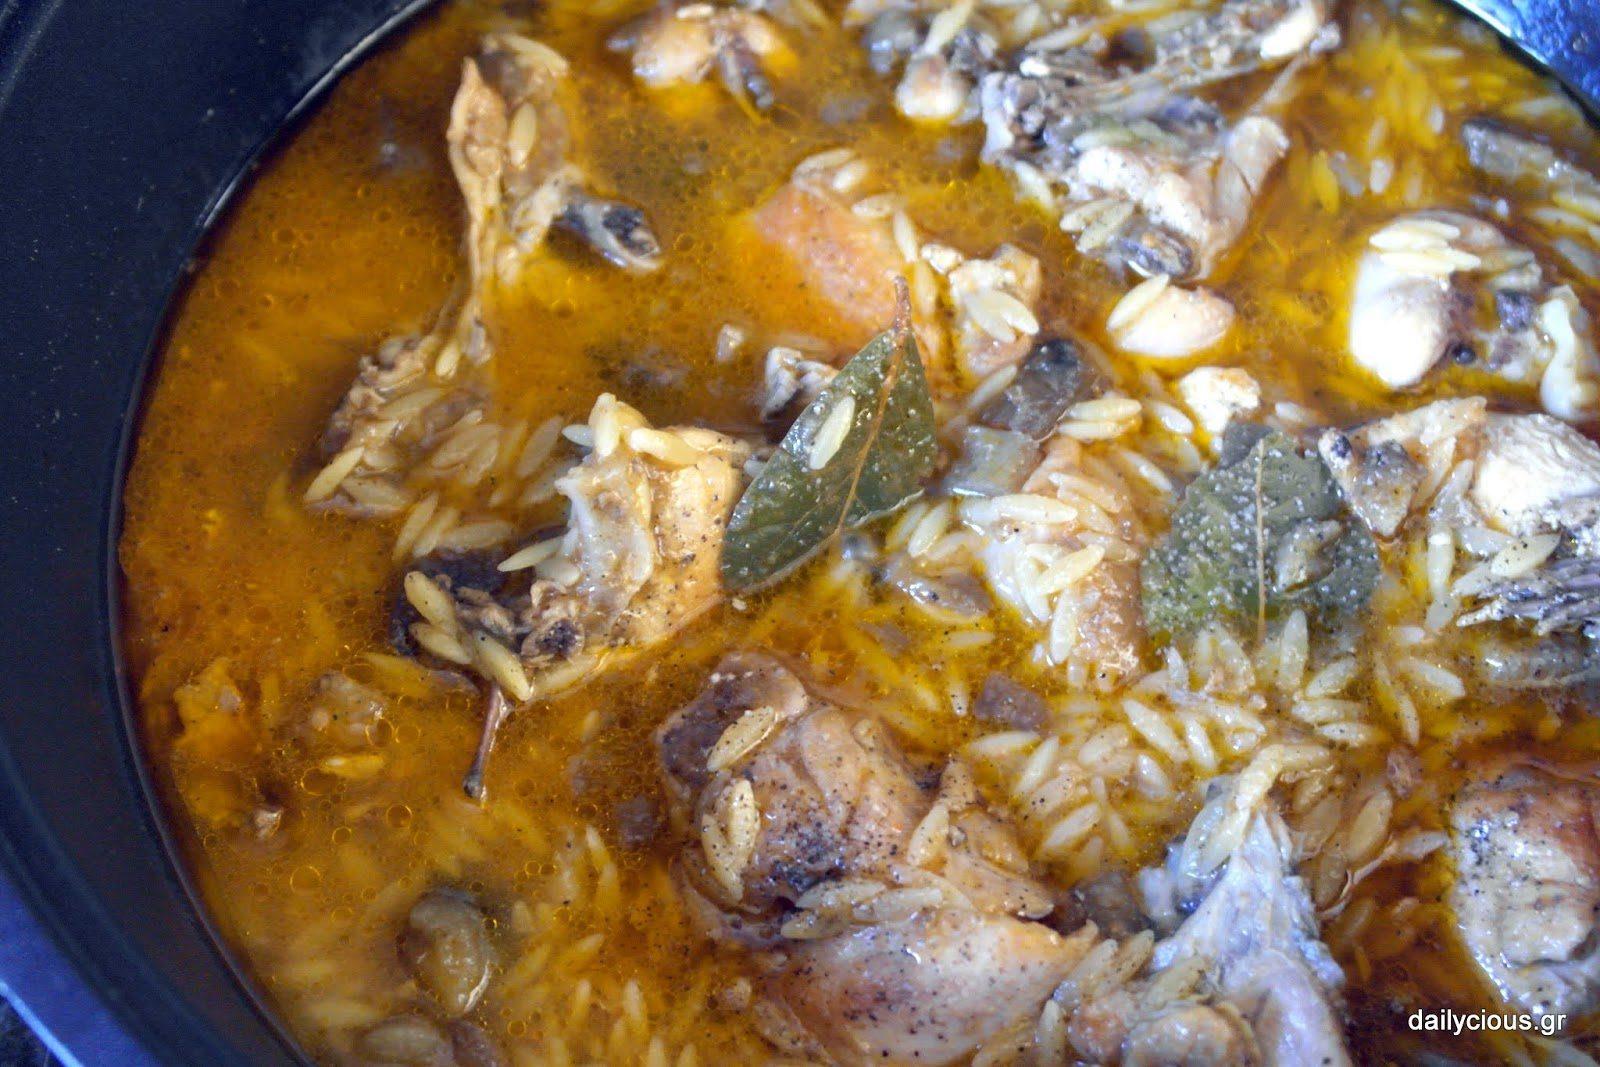 Κοτόπουλο και κριθαράκι, γιουβέτσι